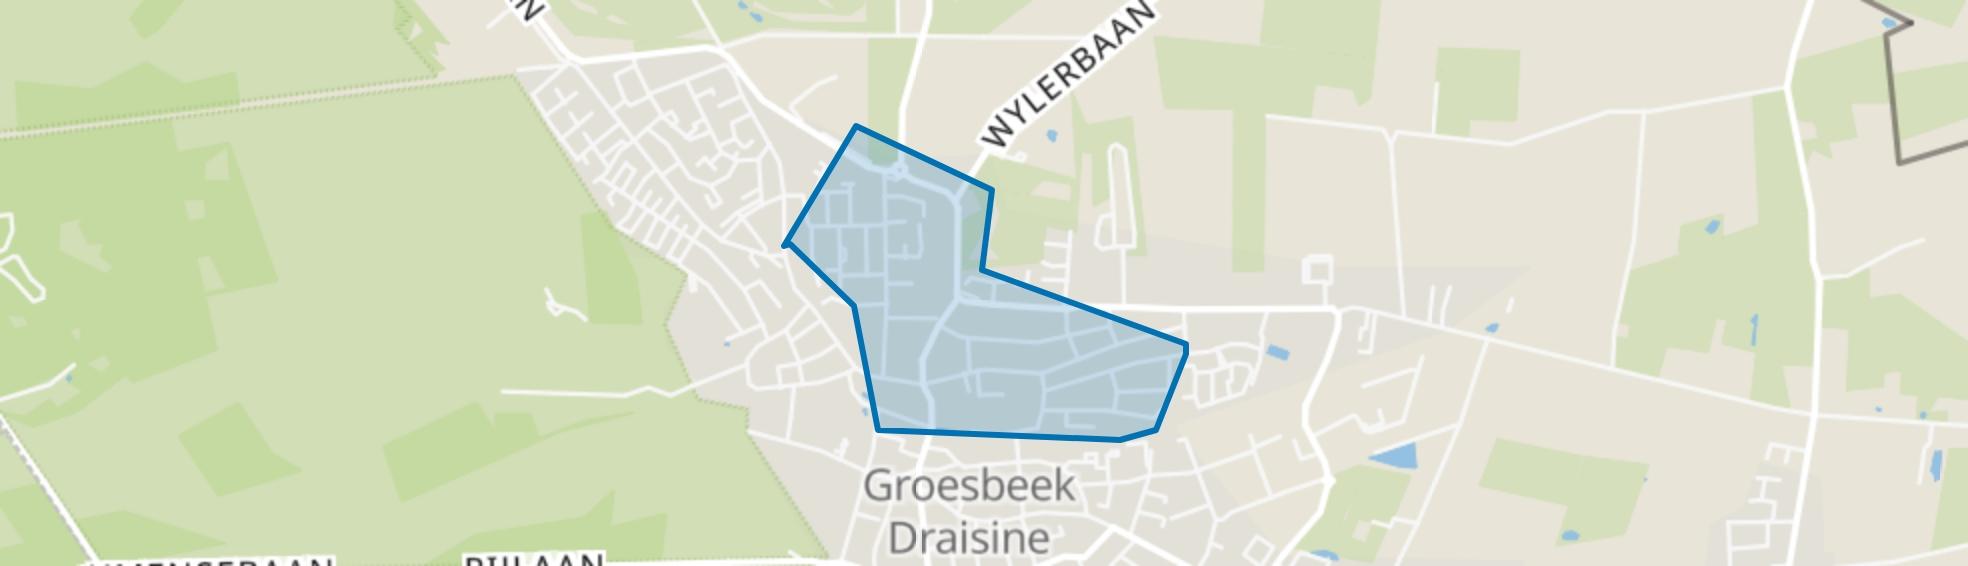 Groesbeek Centrum-Noord, Groesbeek map